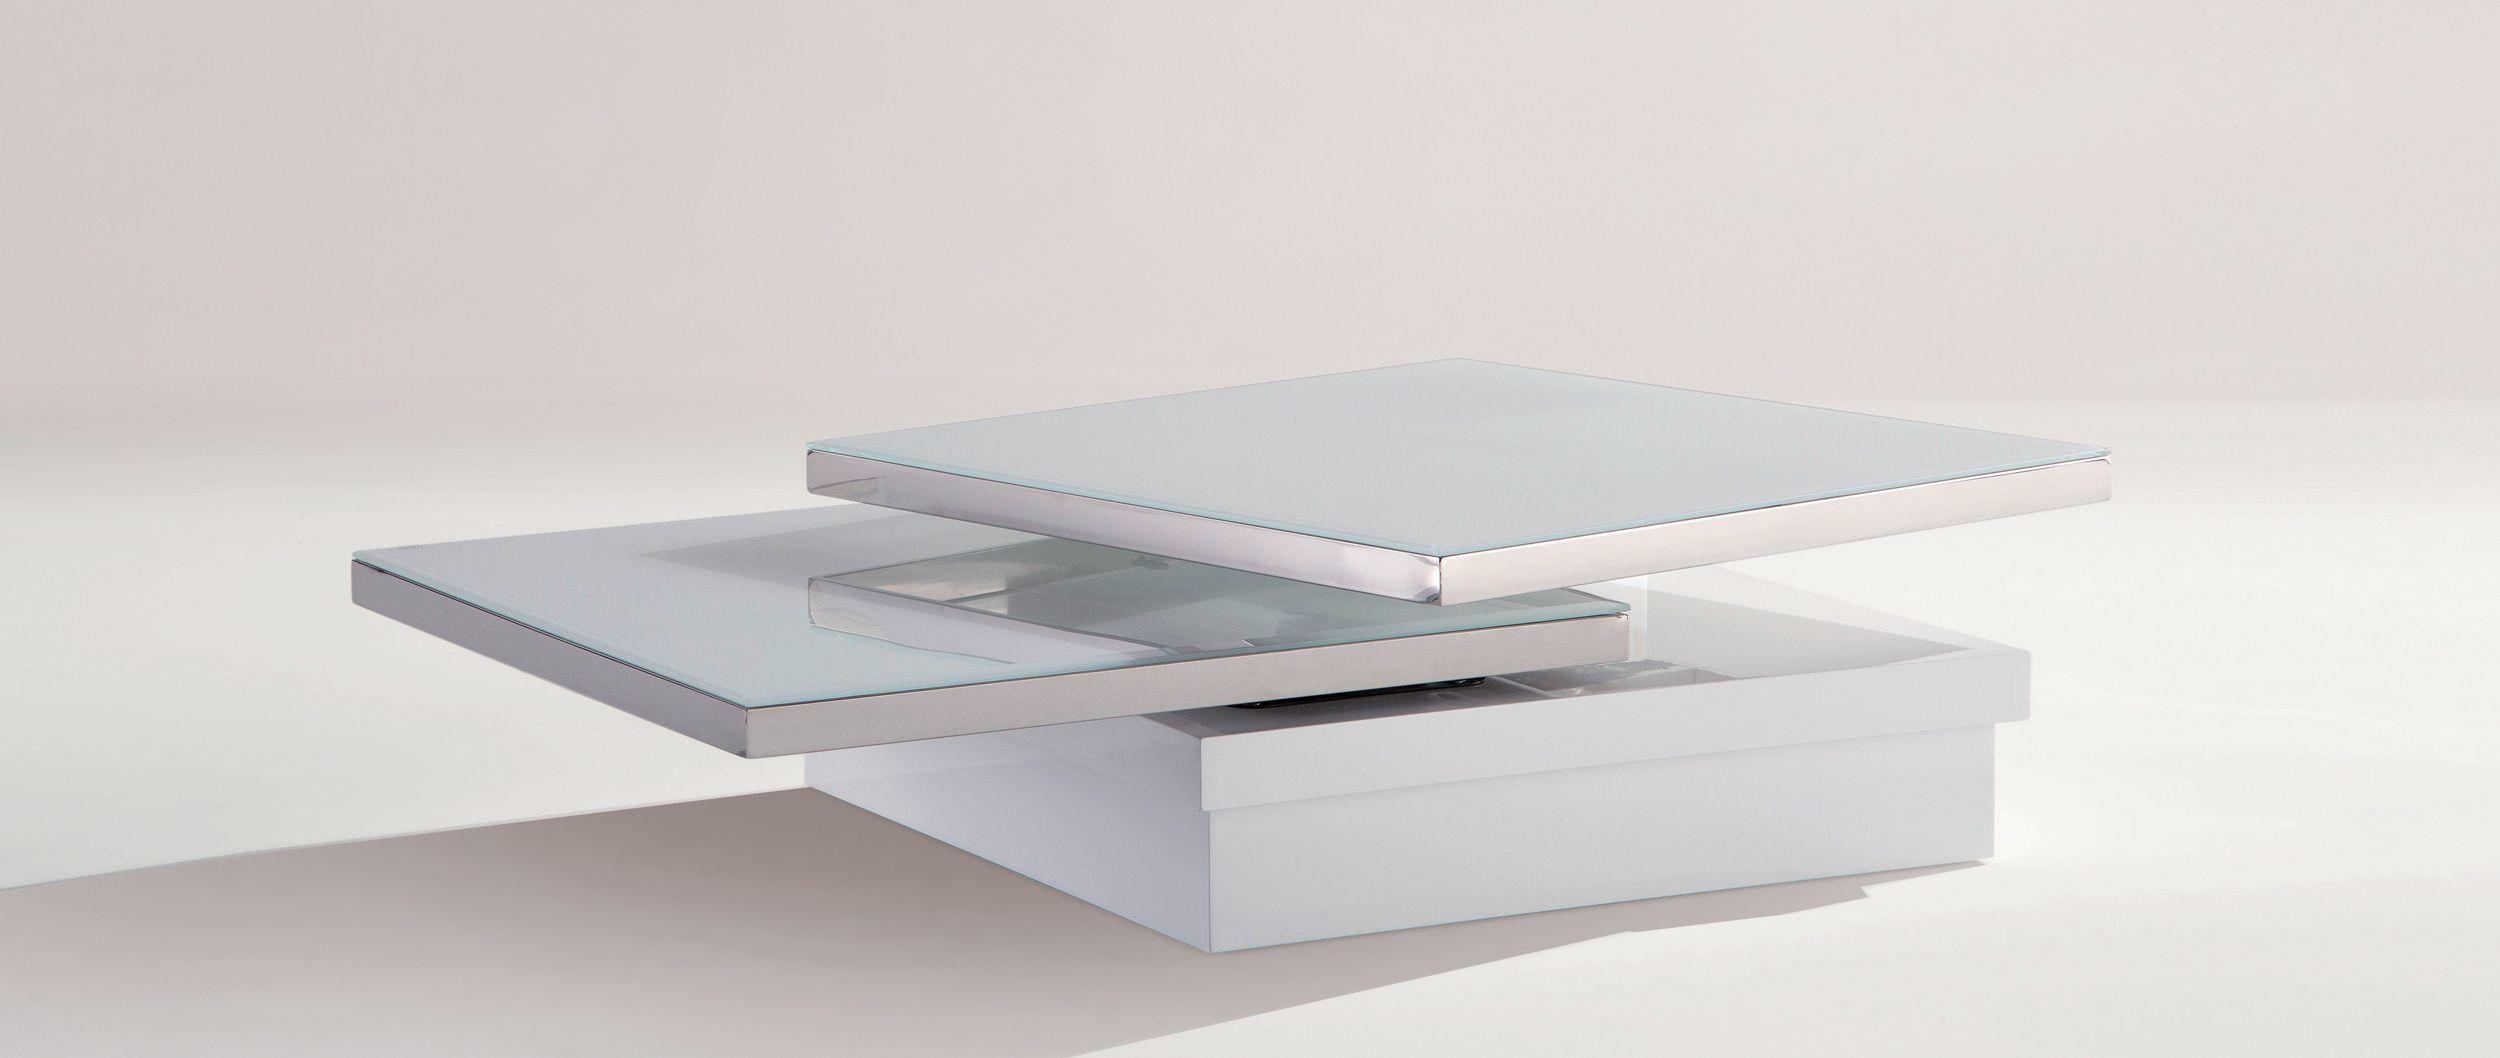 table basse sigma plateaux pivotants en chrome et verre laqu blanc table basse pinterest. Black Bedroom Furniture Sets. Home Design Ideas